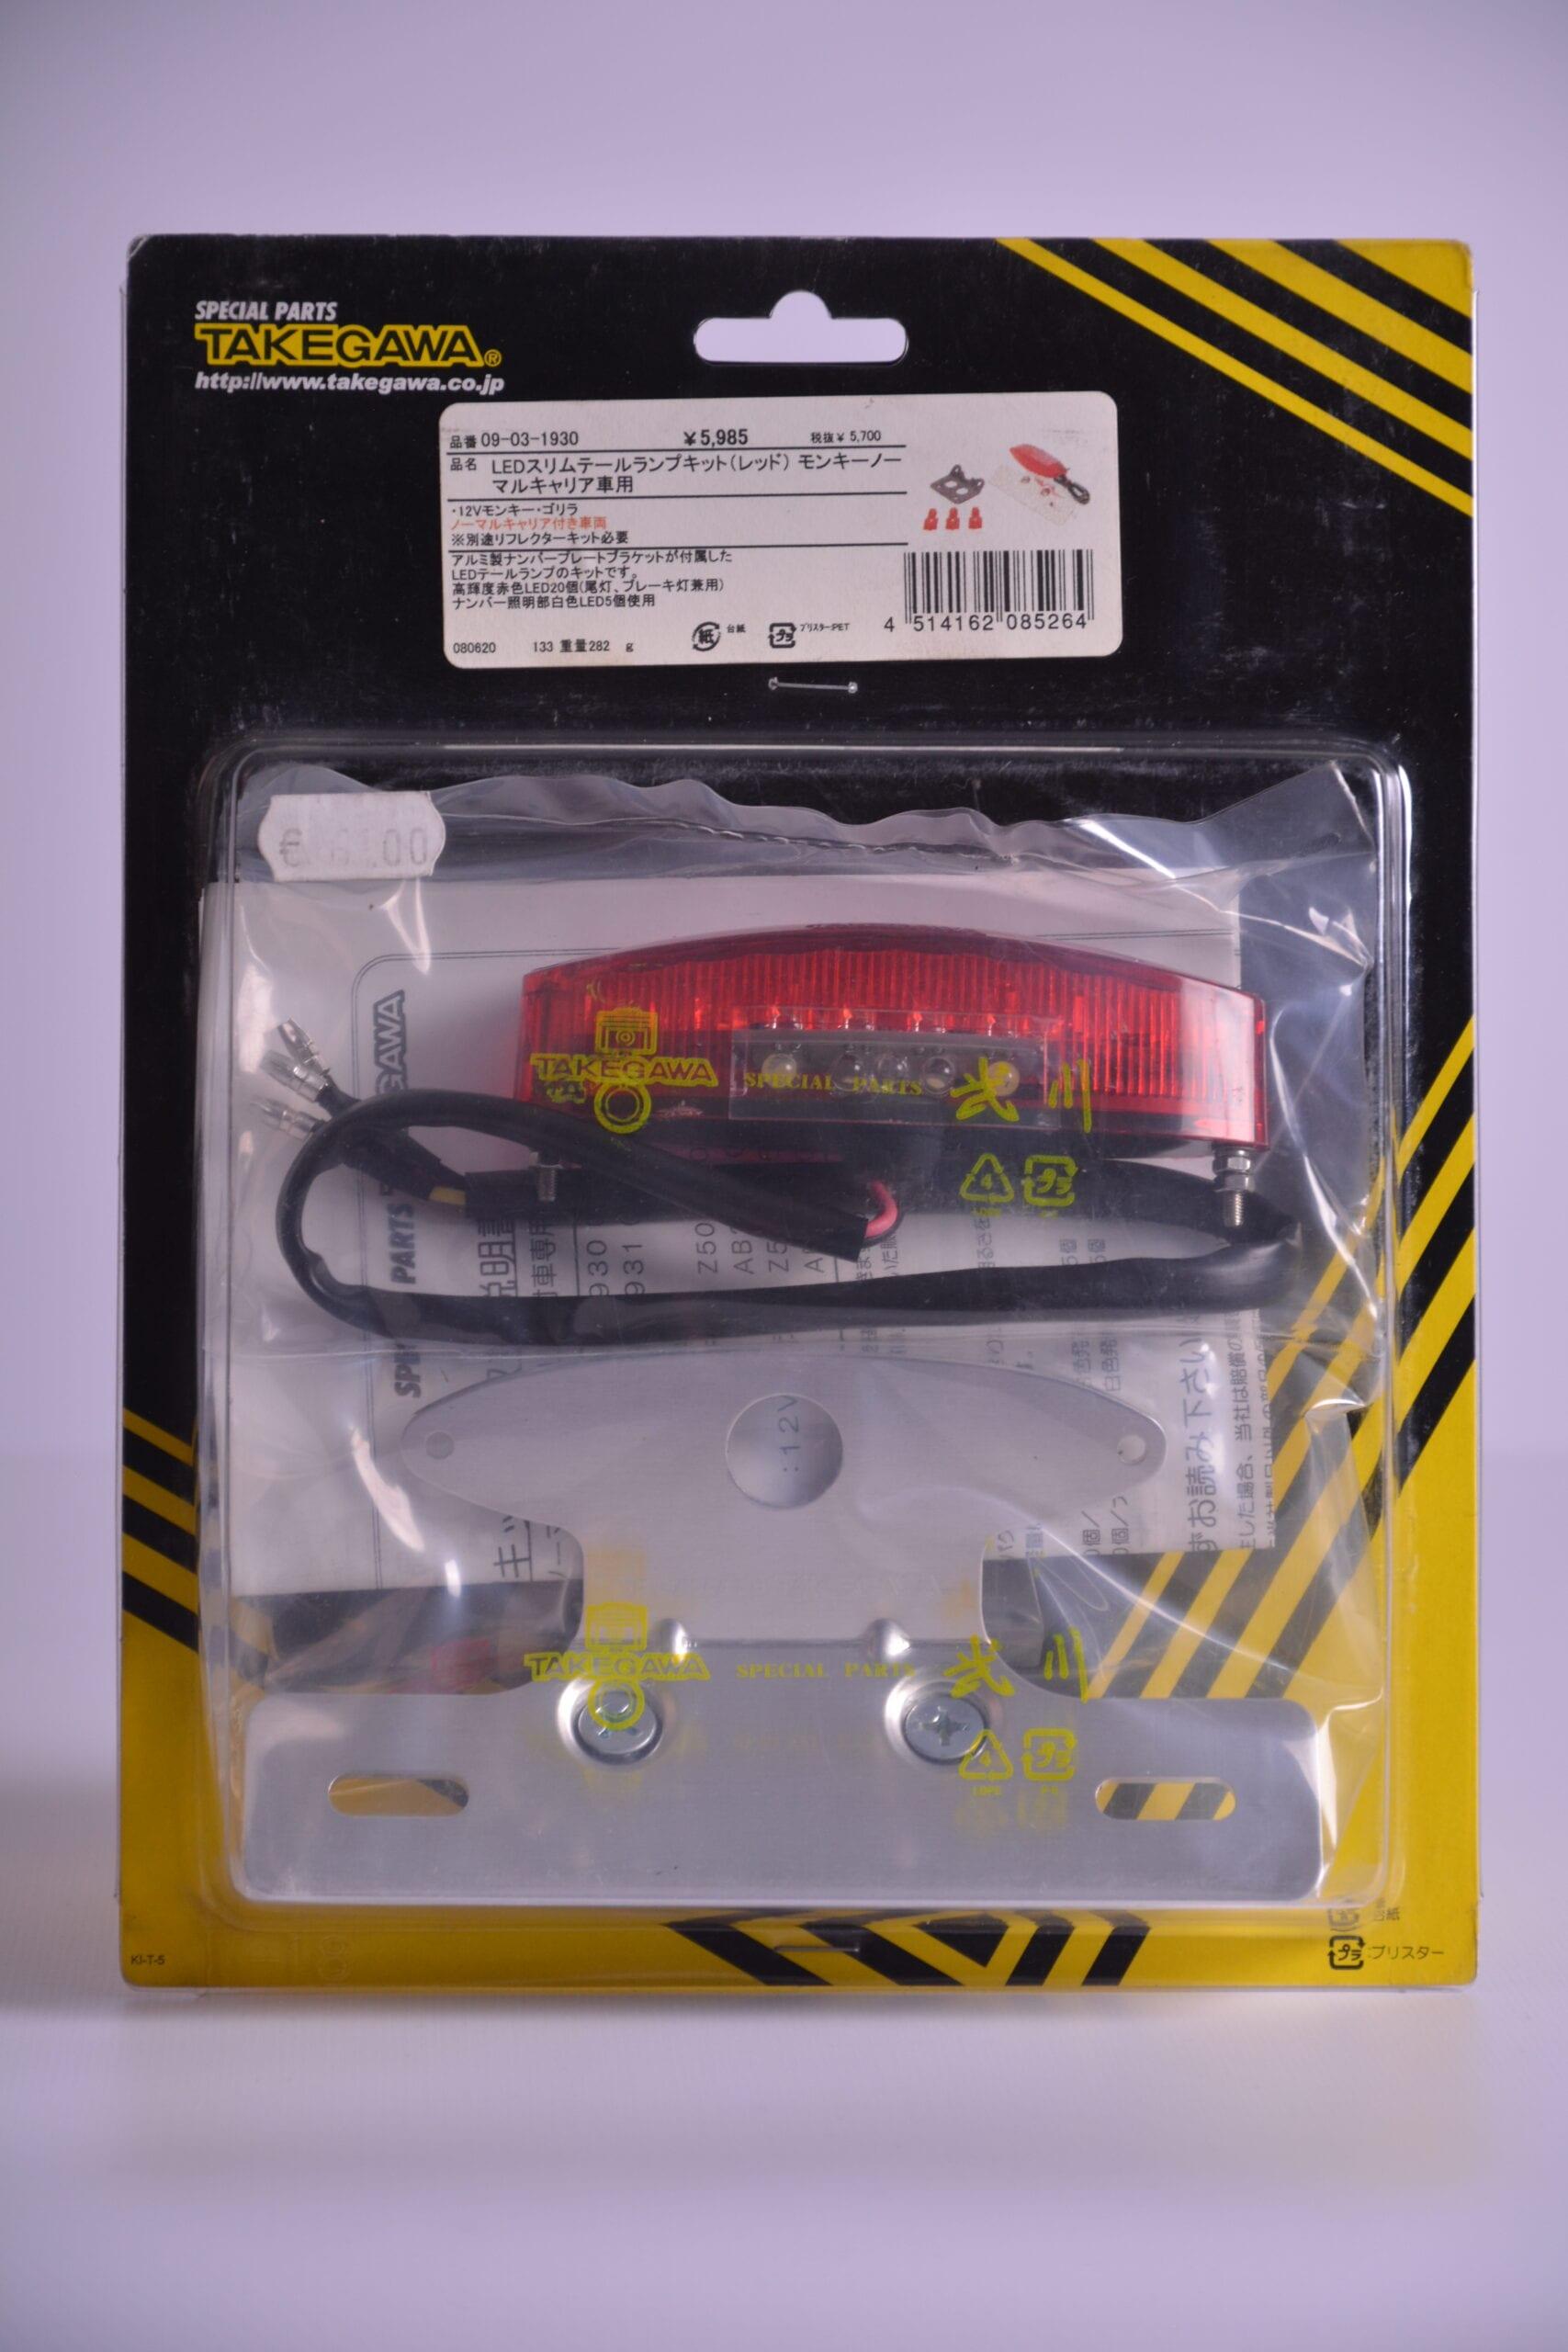 Led slim tail lamp kit Takegawa - 09-03-1930